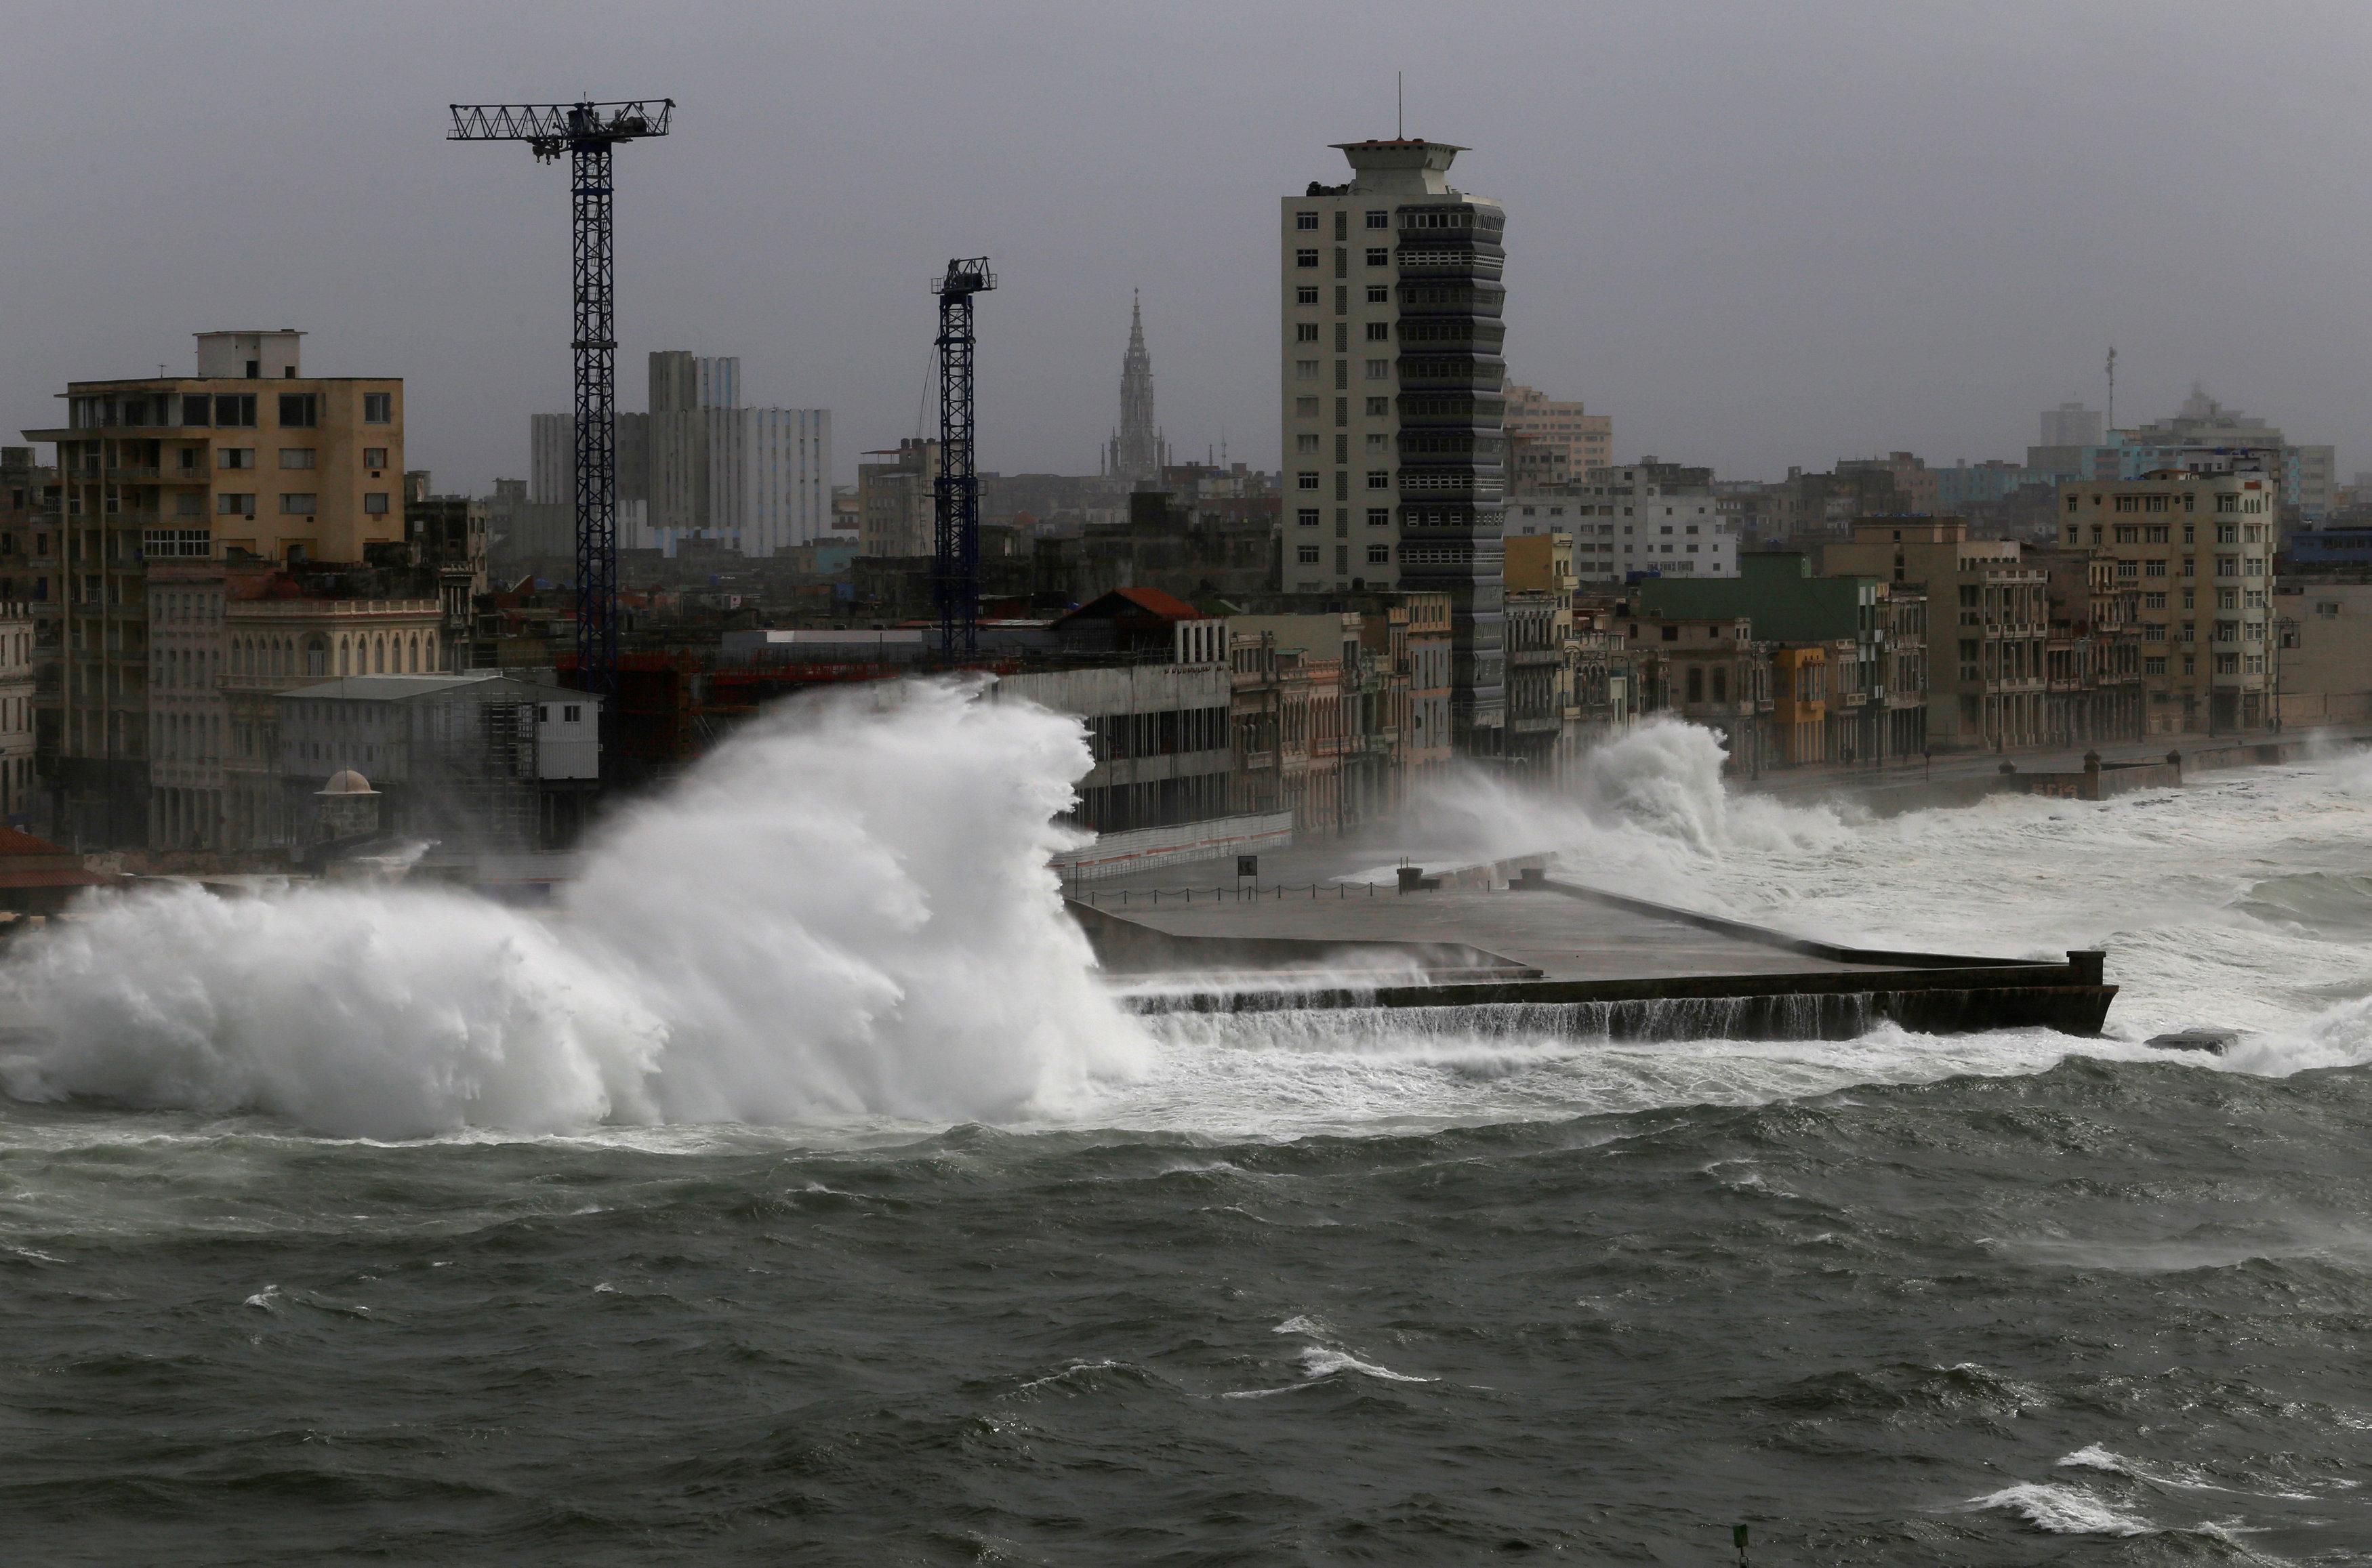 ارتفاع الأمواج بشكل كبير